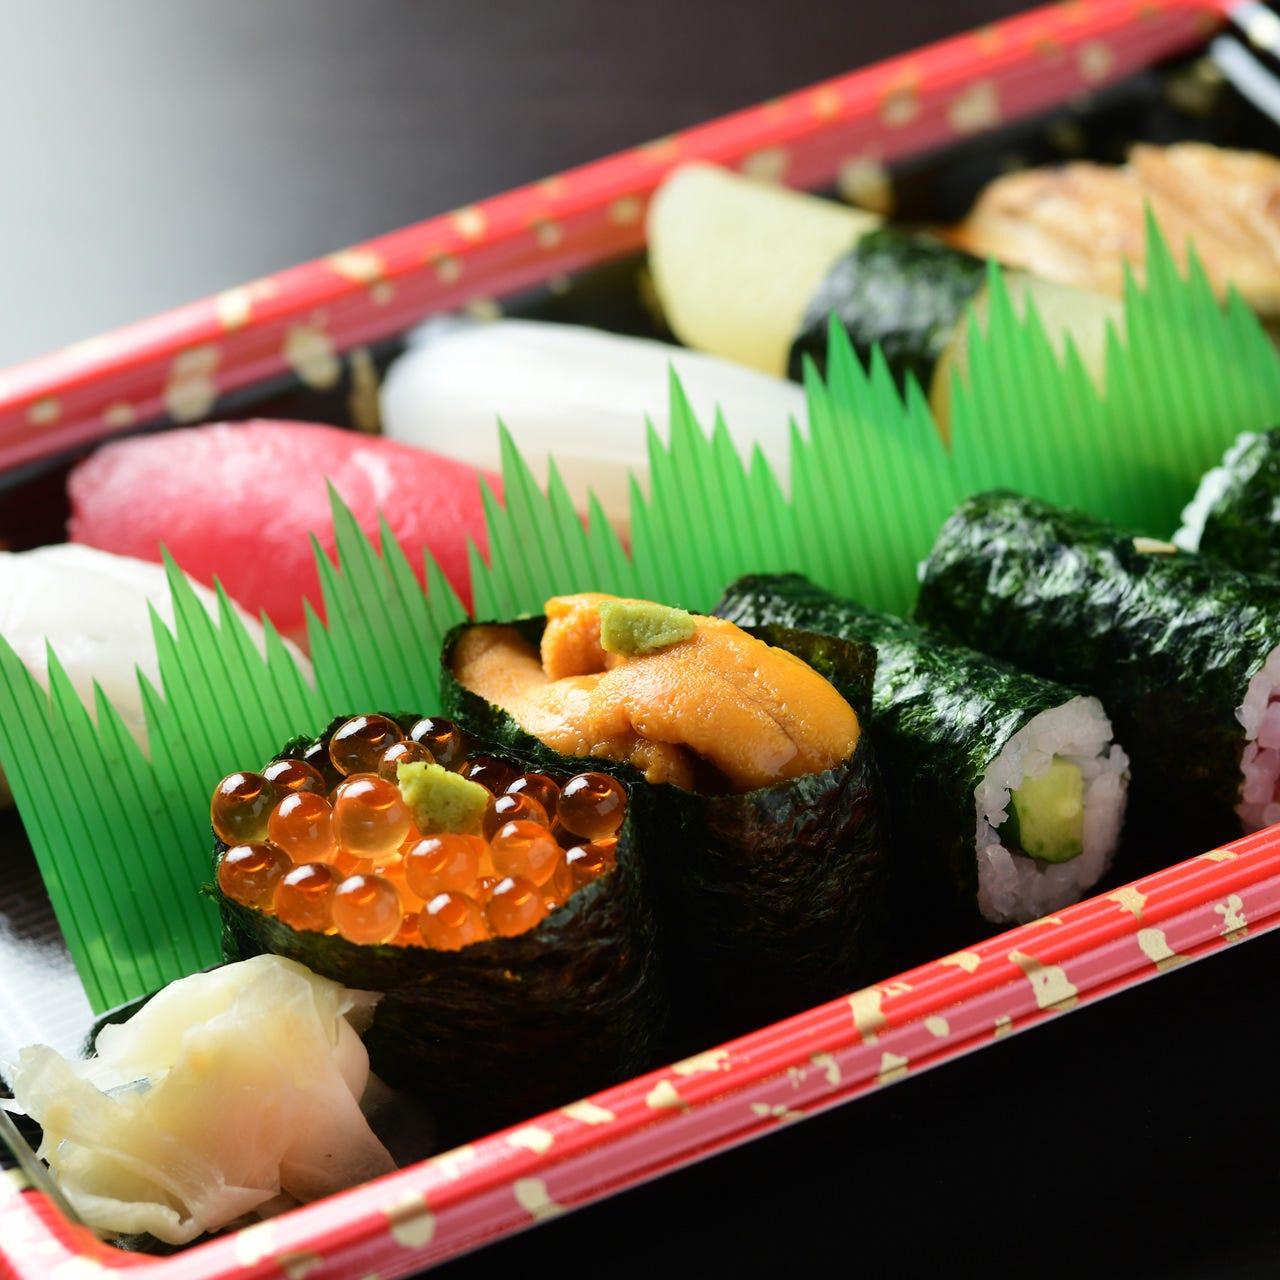 旬魚を使った本格寿司をご自宅で堪能